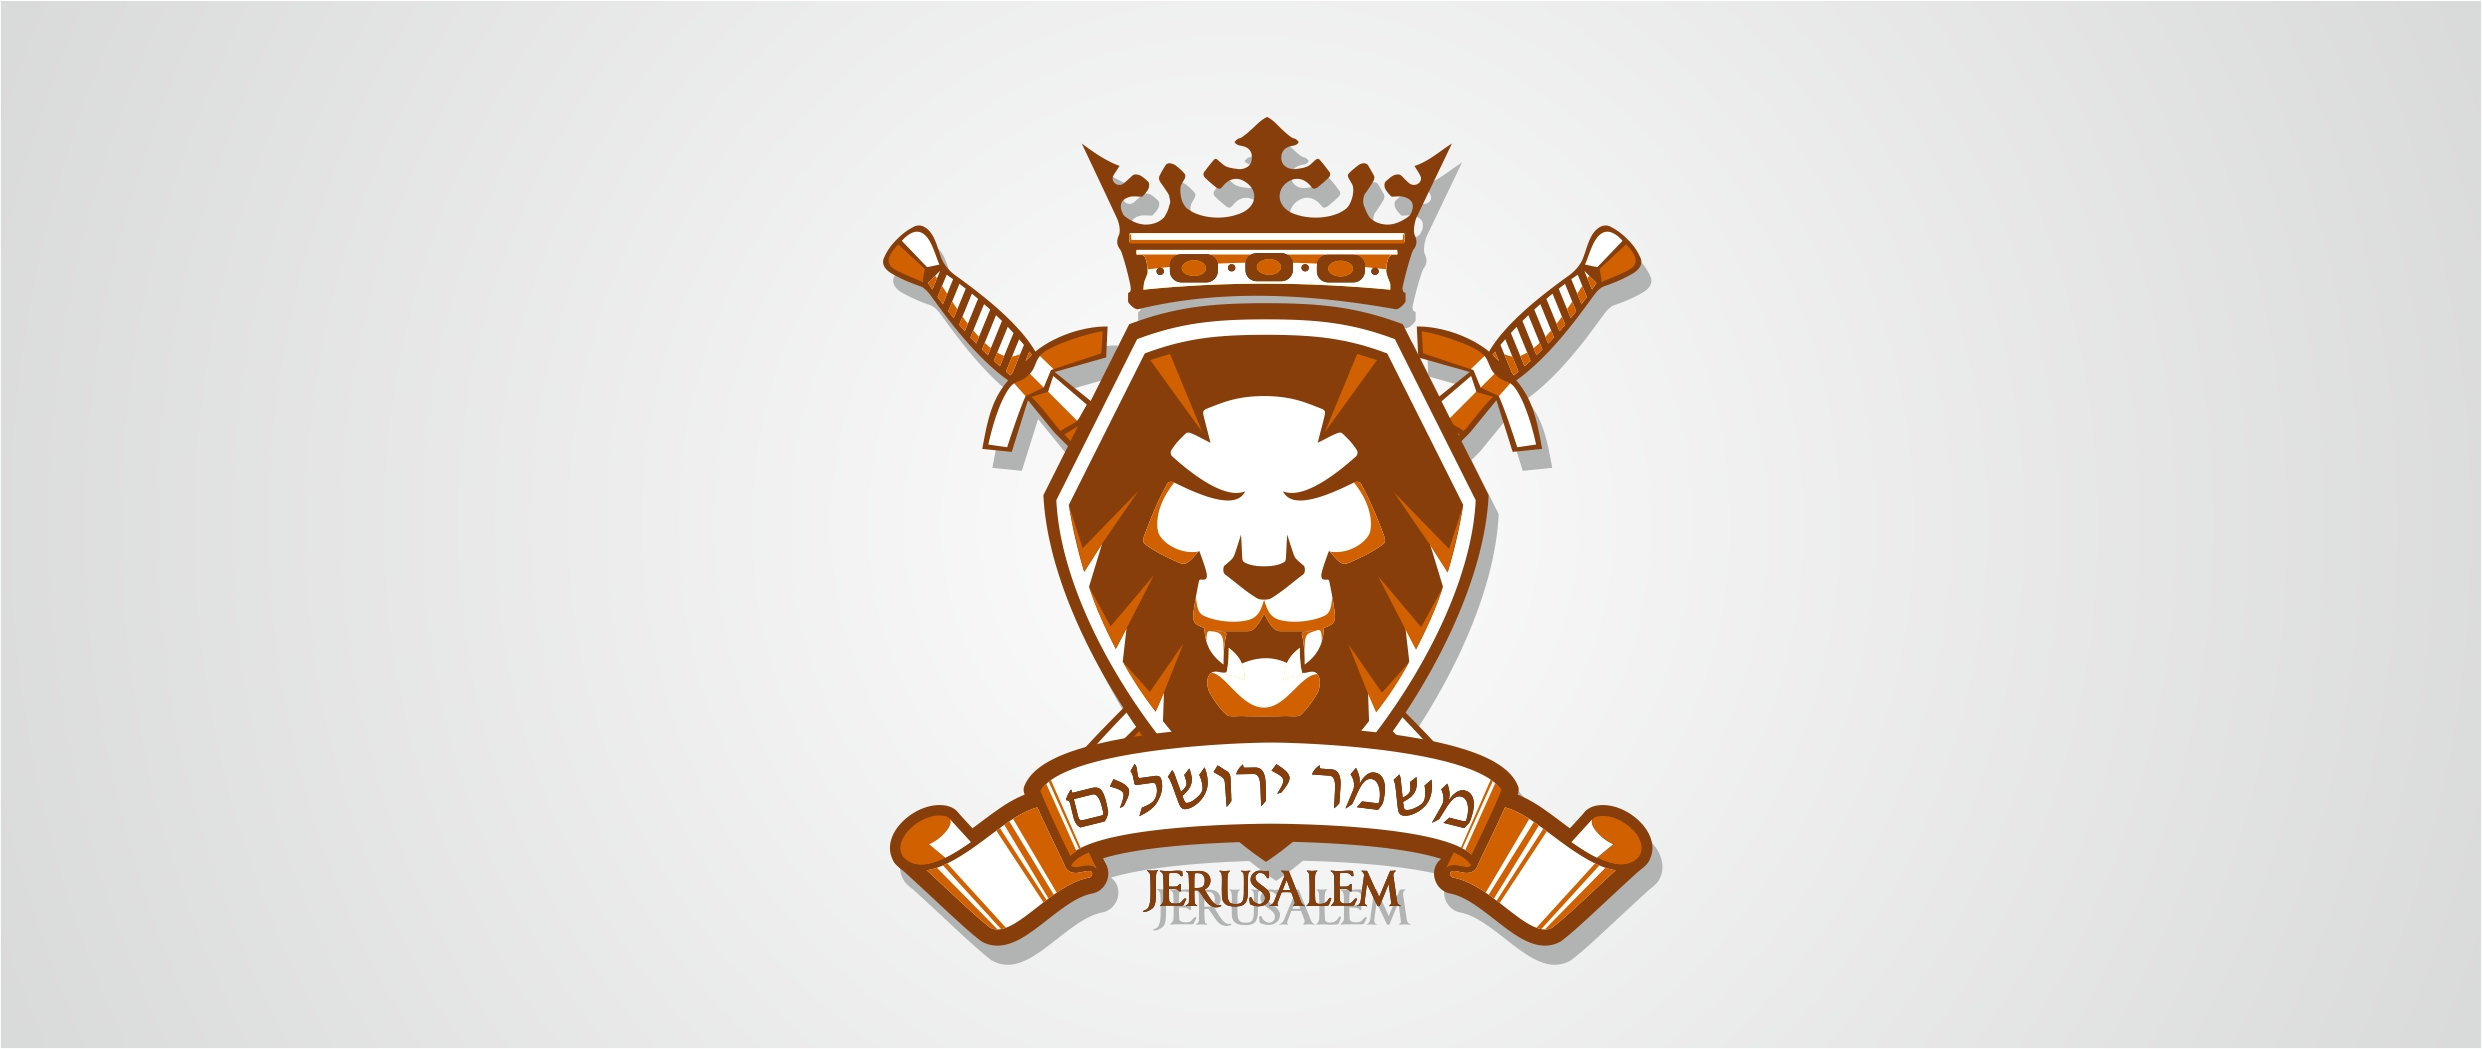 Разработка логотипа. Компания Страж Иерусалима фото f_55251f89a6462687.jpg